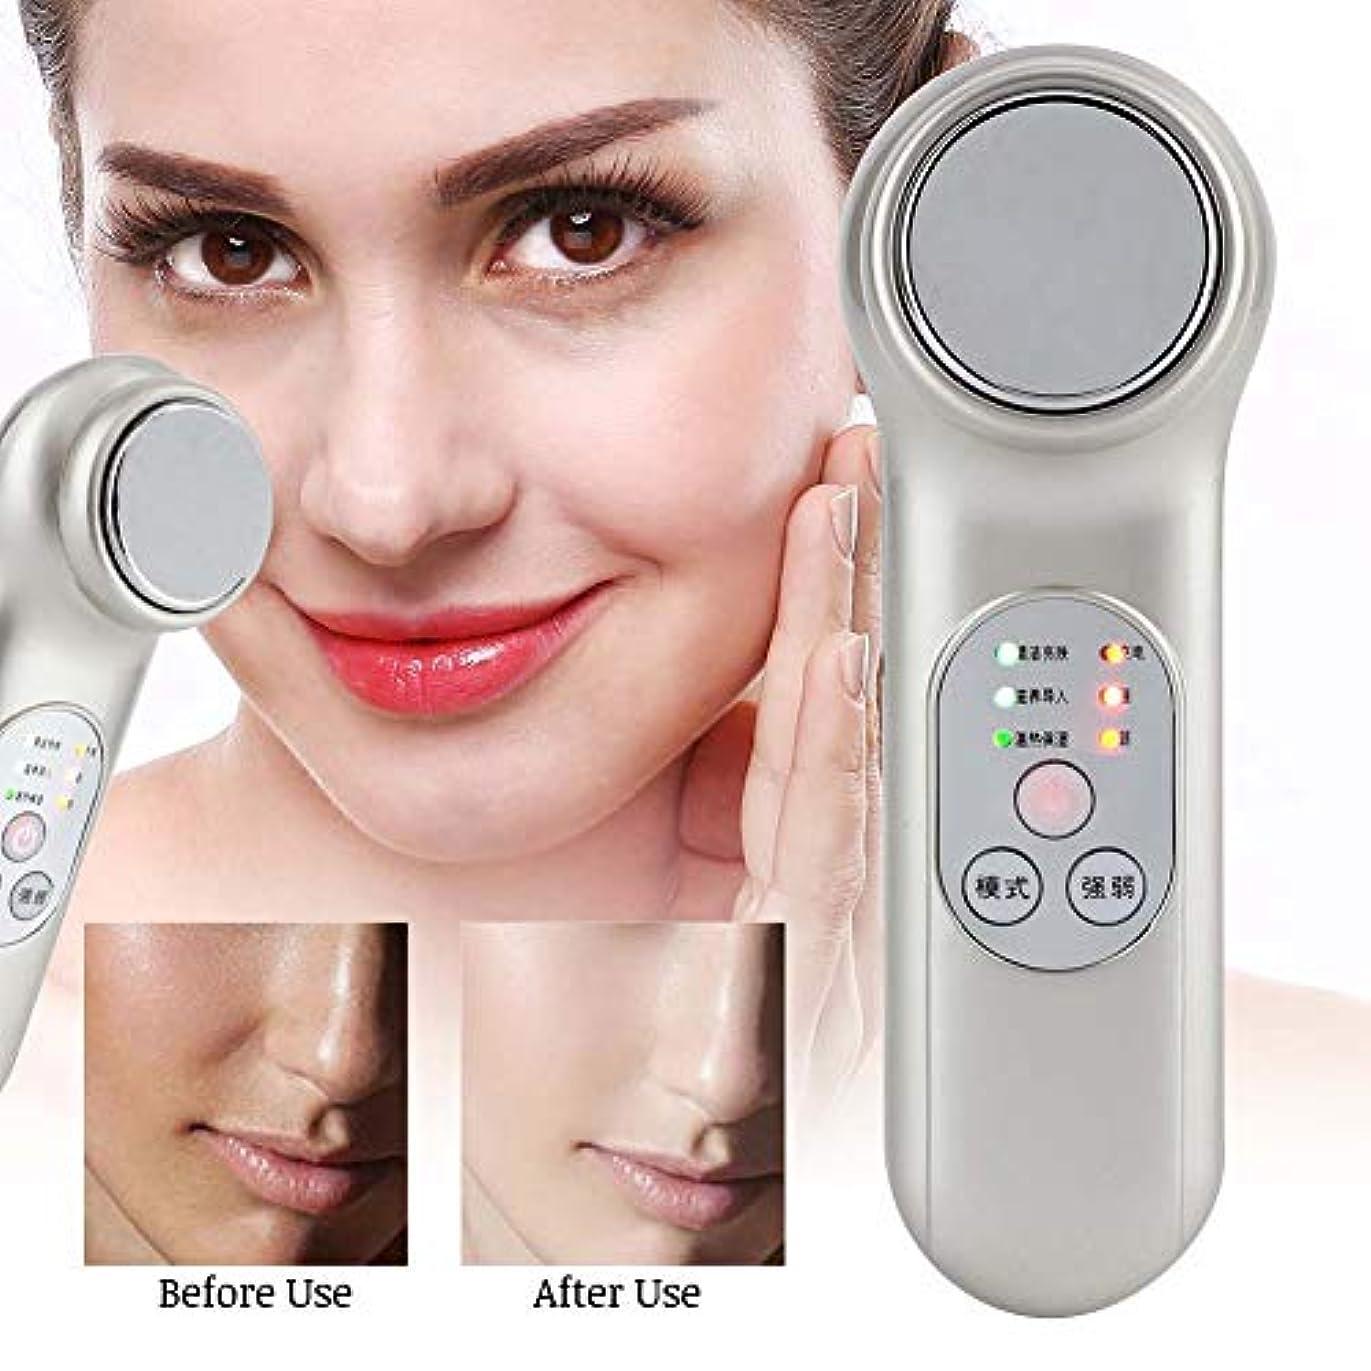 一般的におなかがすいた警戒毛穴クリーナー、毛穴真空除去クリーナー電気クリーナーフェイスマッサージャー女性と男性のための皮膚美容デバイス